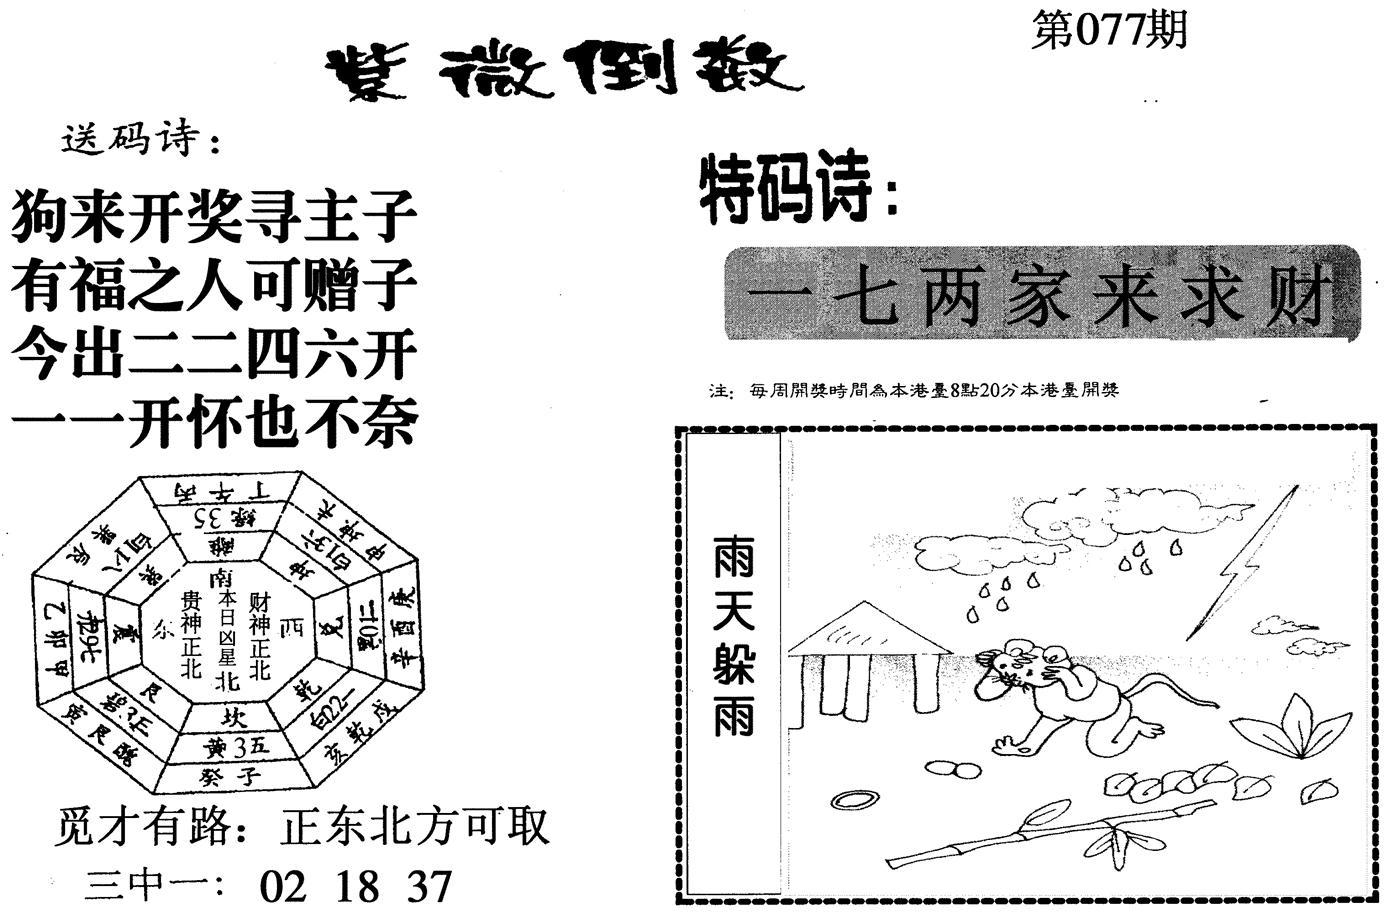 077期紫微倒数(黑白)